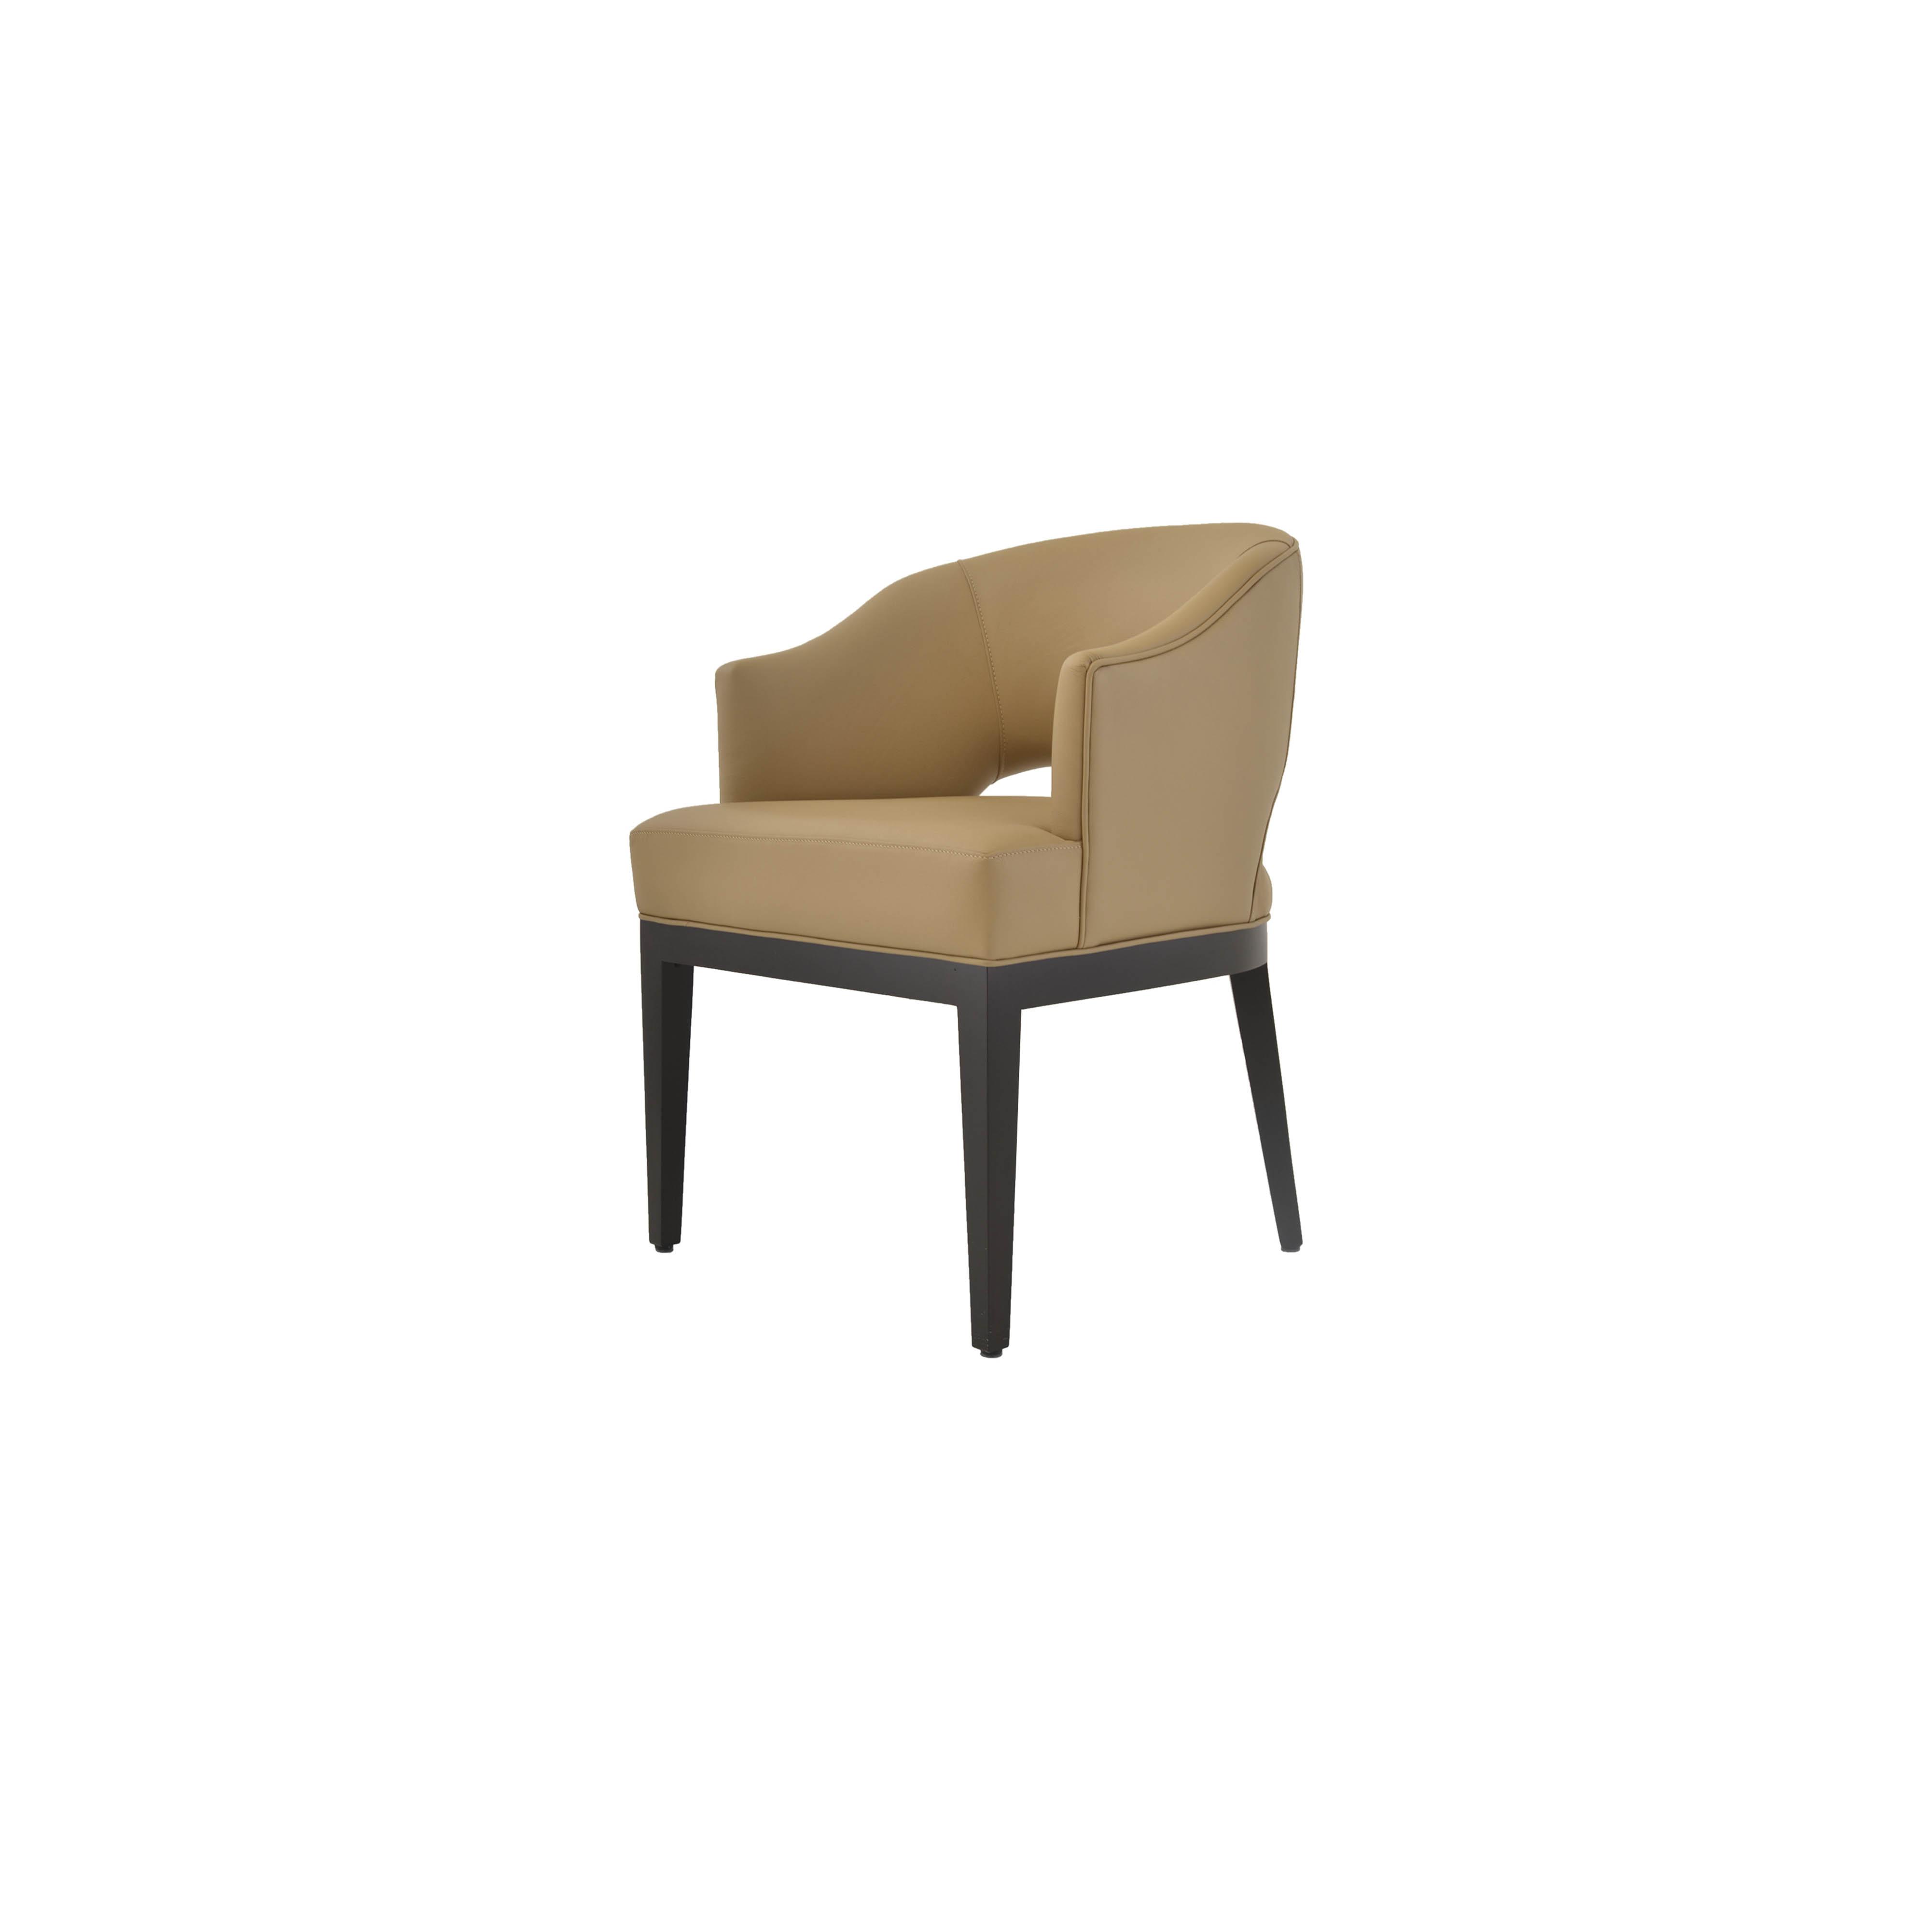 Chesney armchair